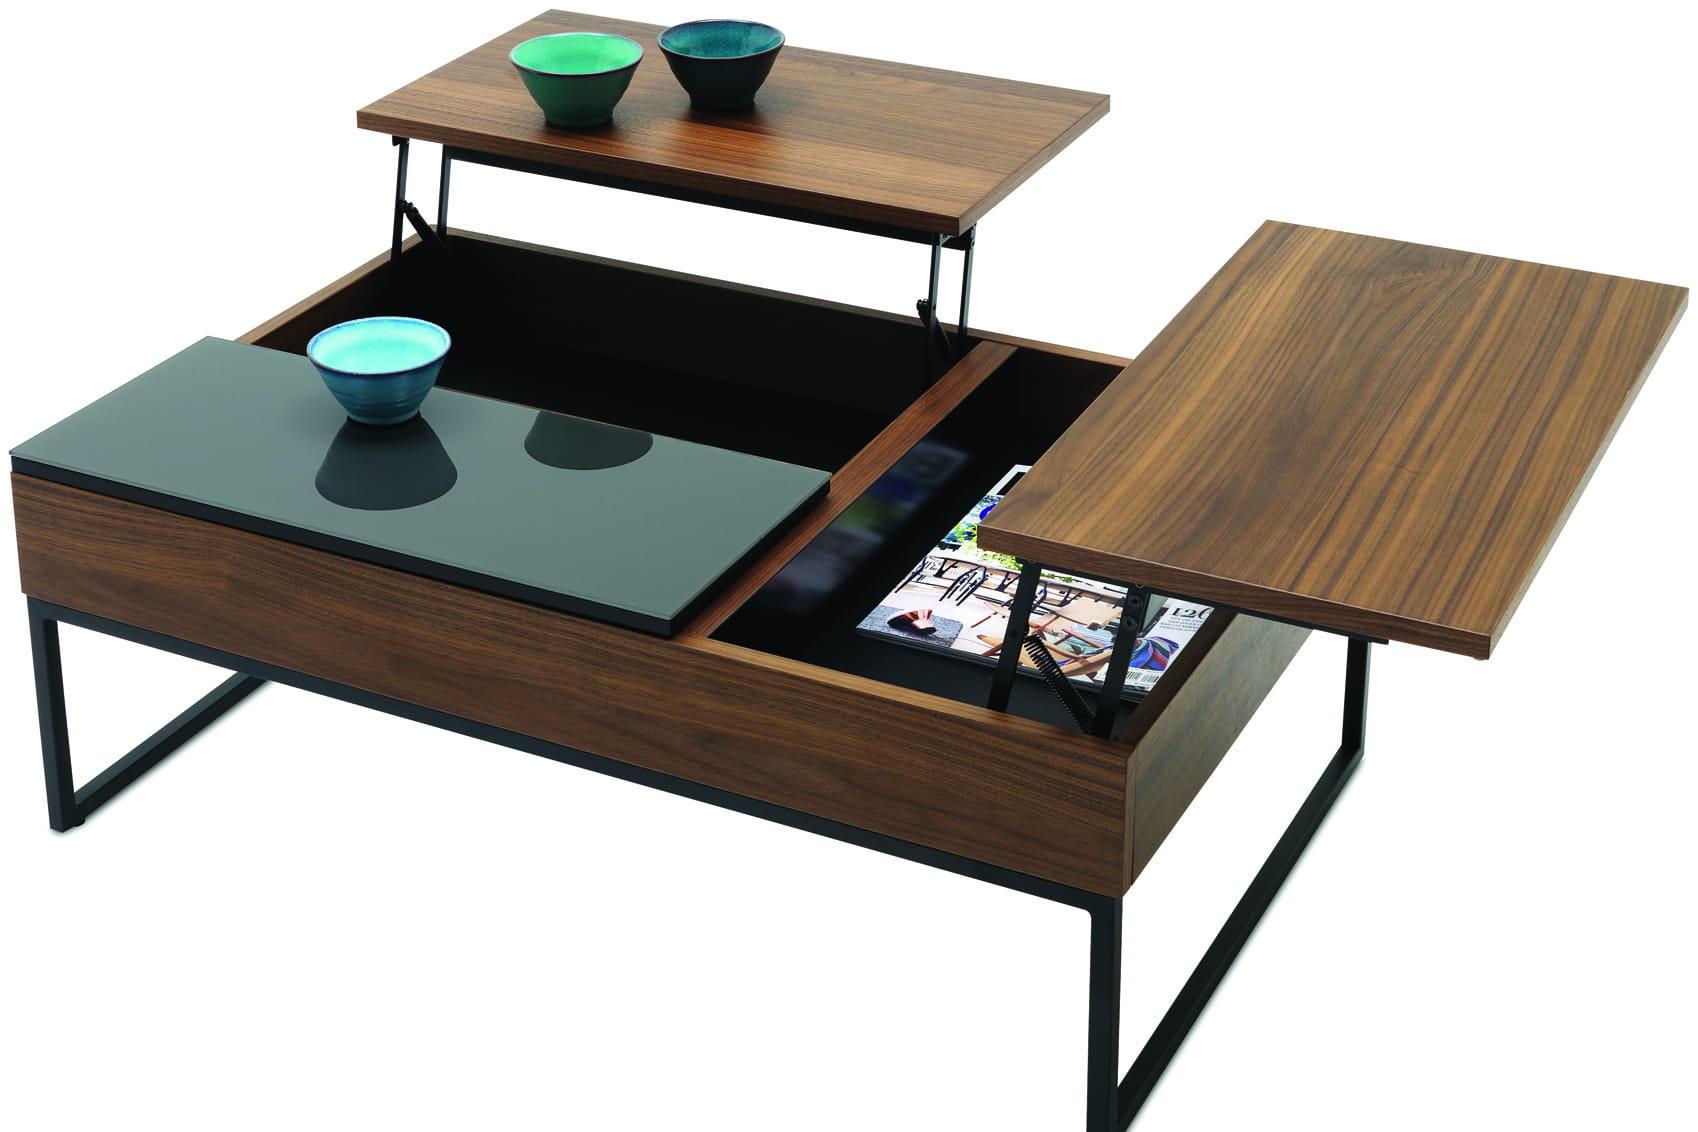 Table basse avec espace de rangement boconcept - Table basse transformable table haute ...